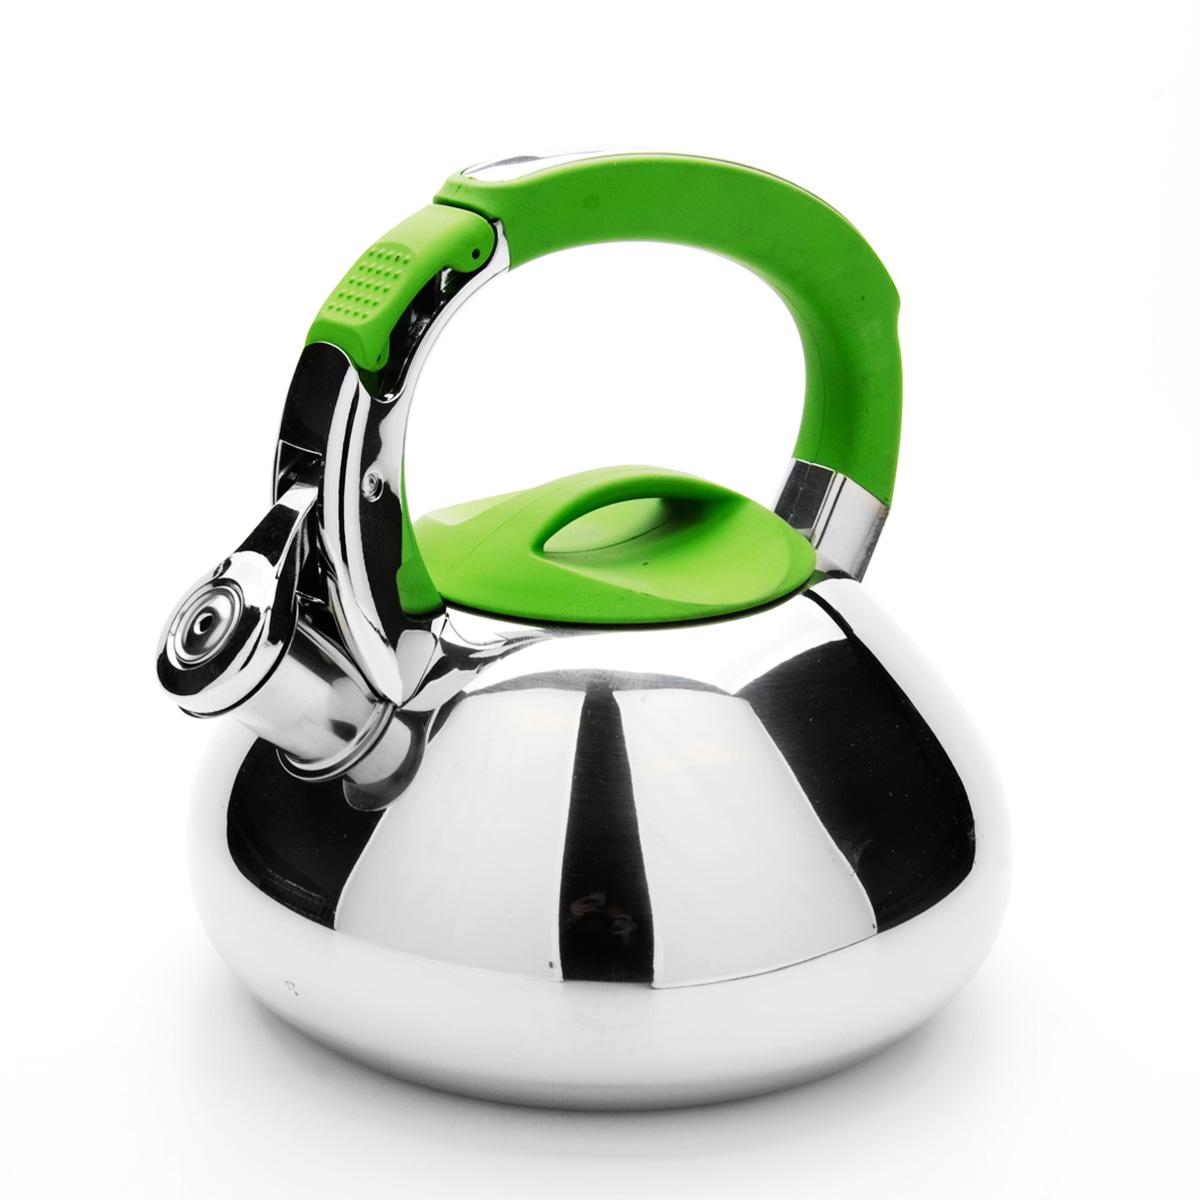 Чайник Mayer & Boch со свистком, цвет: зеленый, 2,9 л. 2359123591Чайник Mayer & Boch выполнен из высококачественной нержавеющей стали, что обеспечивает долговечность использования. Внешнее зеркальноепокрытие придает приятный внешний вид. Фиксированная ручка из нейлона делает использование чайника очень удобным и безопасным. Чайник снабжен свистком и устройством для открывания носика, которое находится на ручке. Можно мыть в посудомоечной машине. Пригоден для всех видов плит, включая индукционные. Высота чайника (без учета крышки и ручки): 10 см.Диаметр основания: 16,5 см.